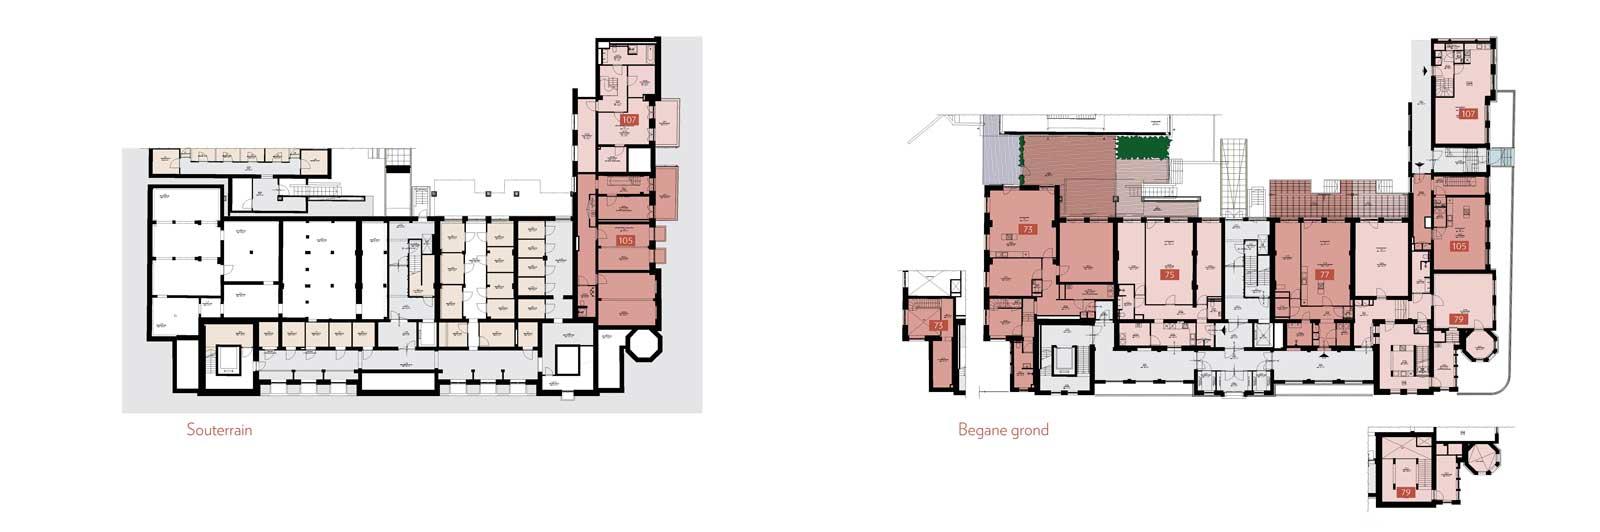 souterrain en begane grond - Rijksmonument Ooglijdersgasthuis Utrecht